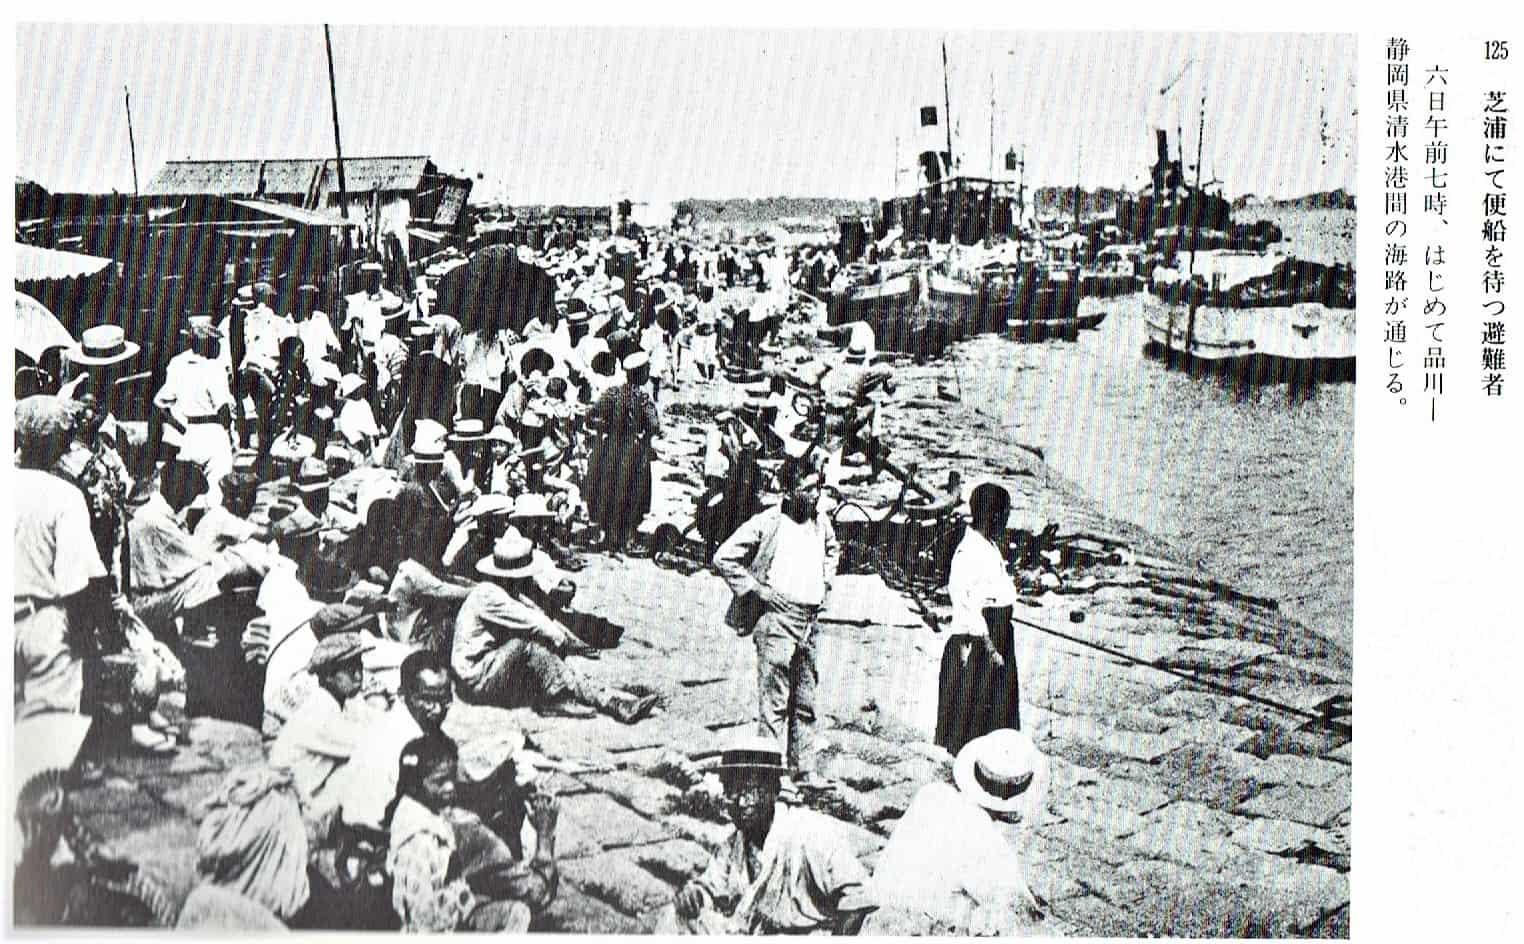 9月6日の午前7時、品川ー清水の海路が再開されました。